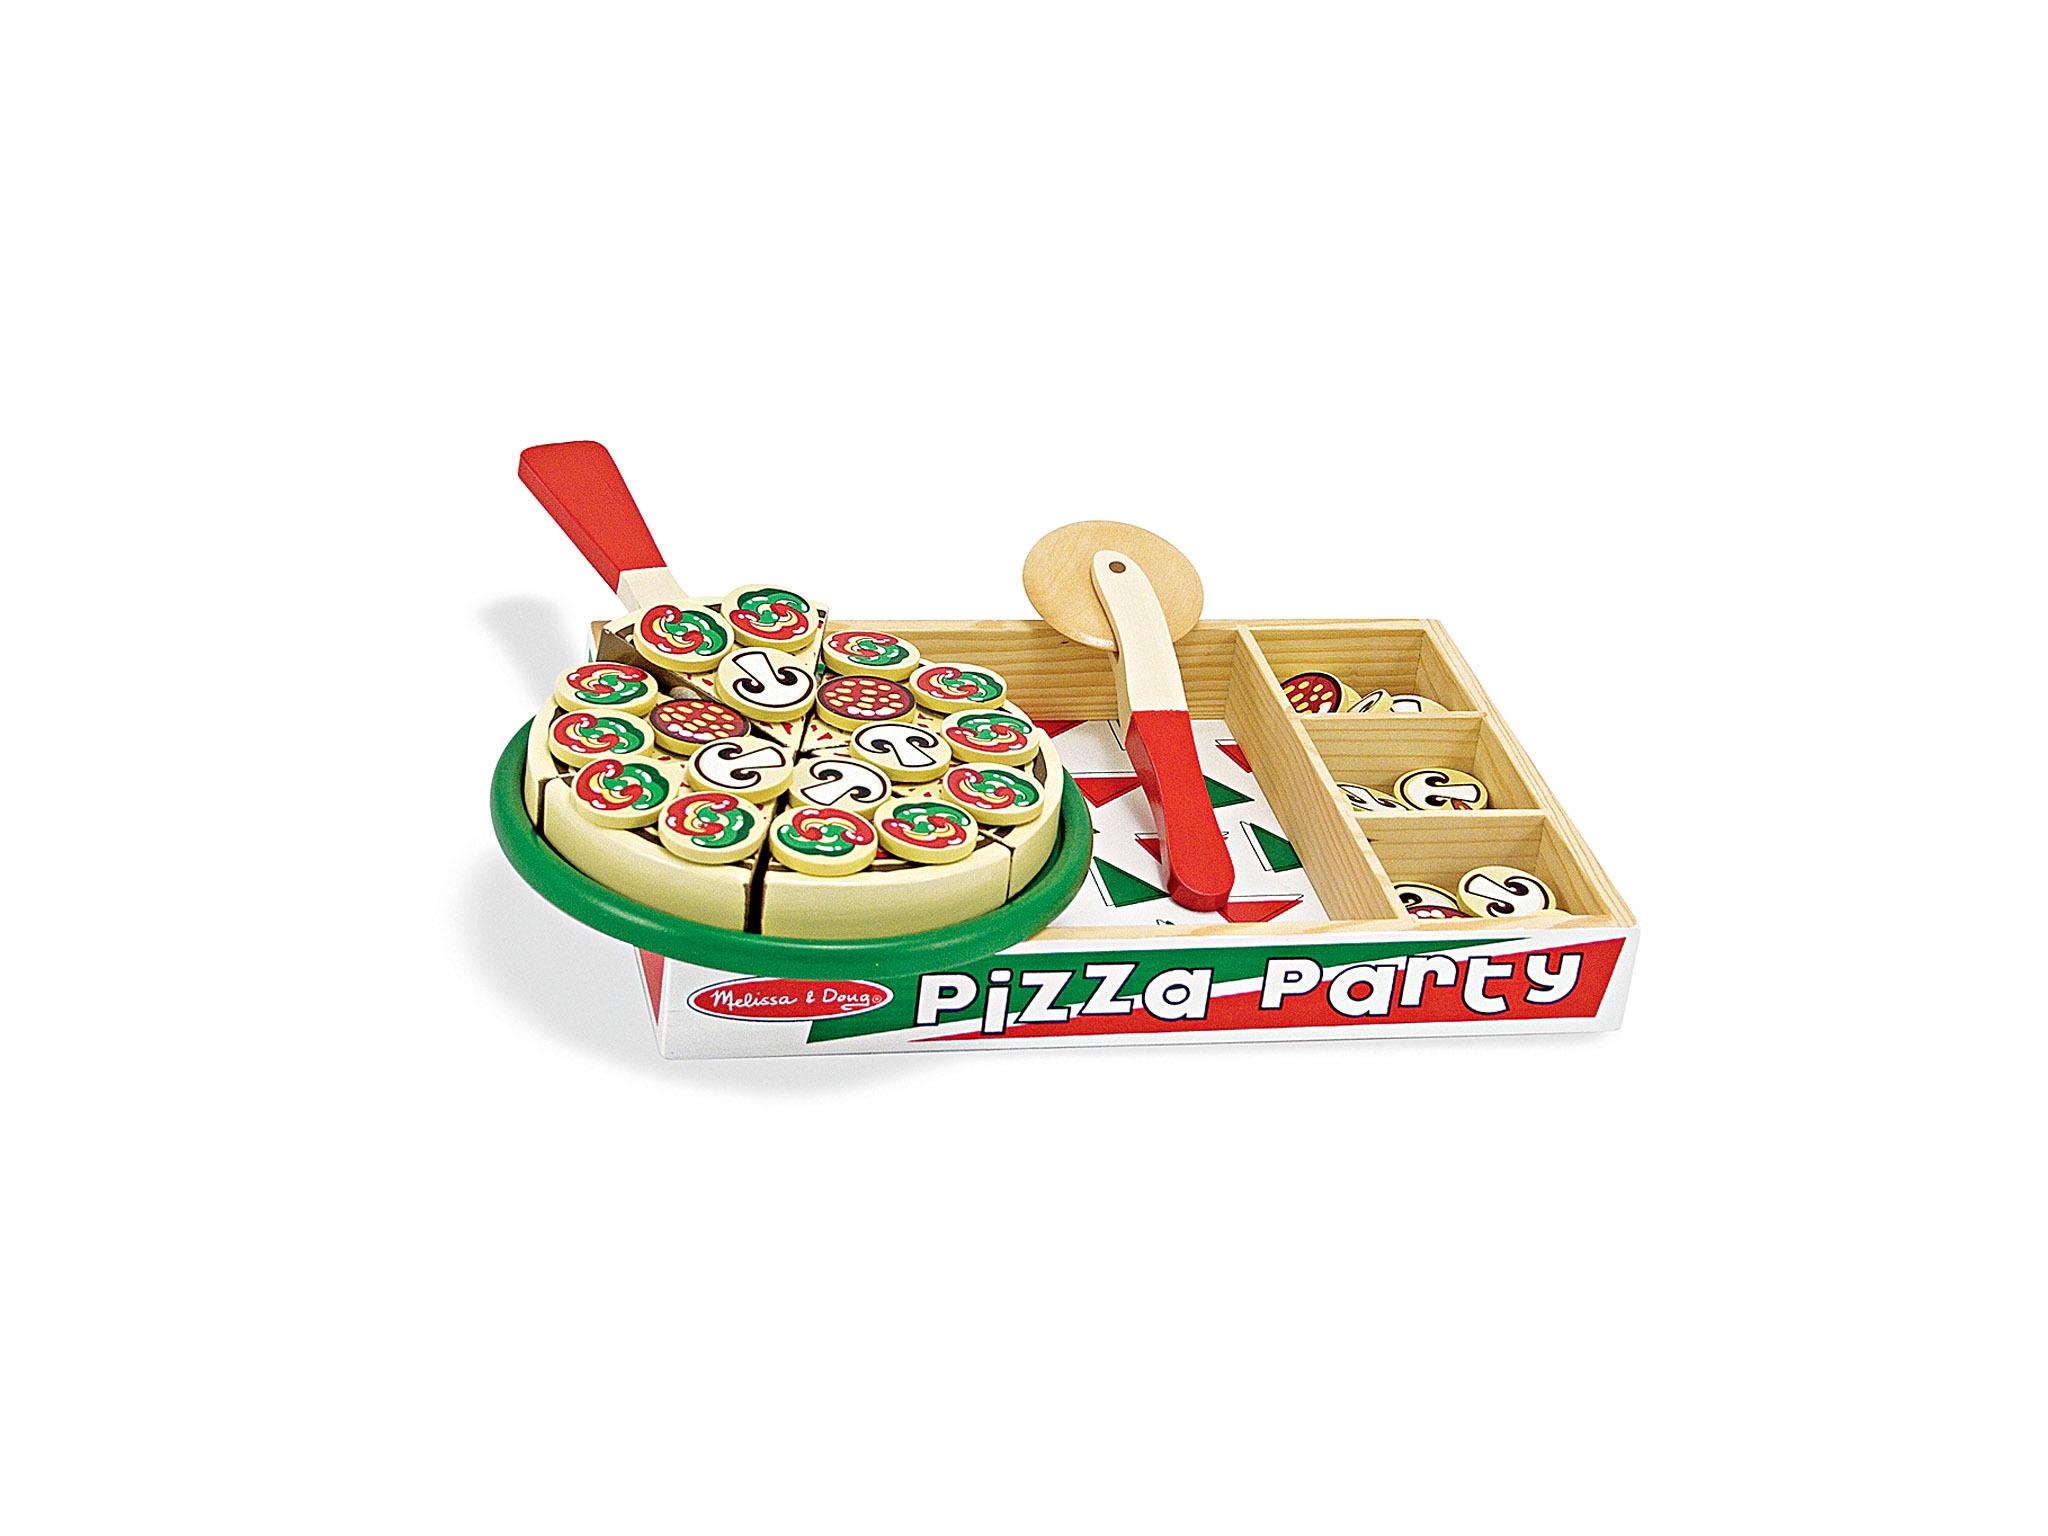 Brinquedo a imitar pizza